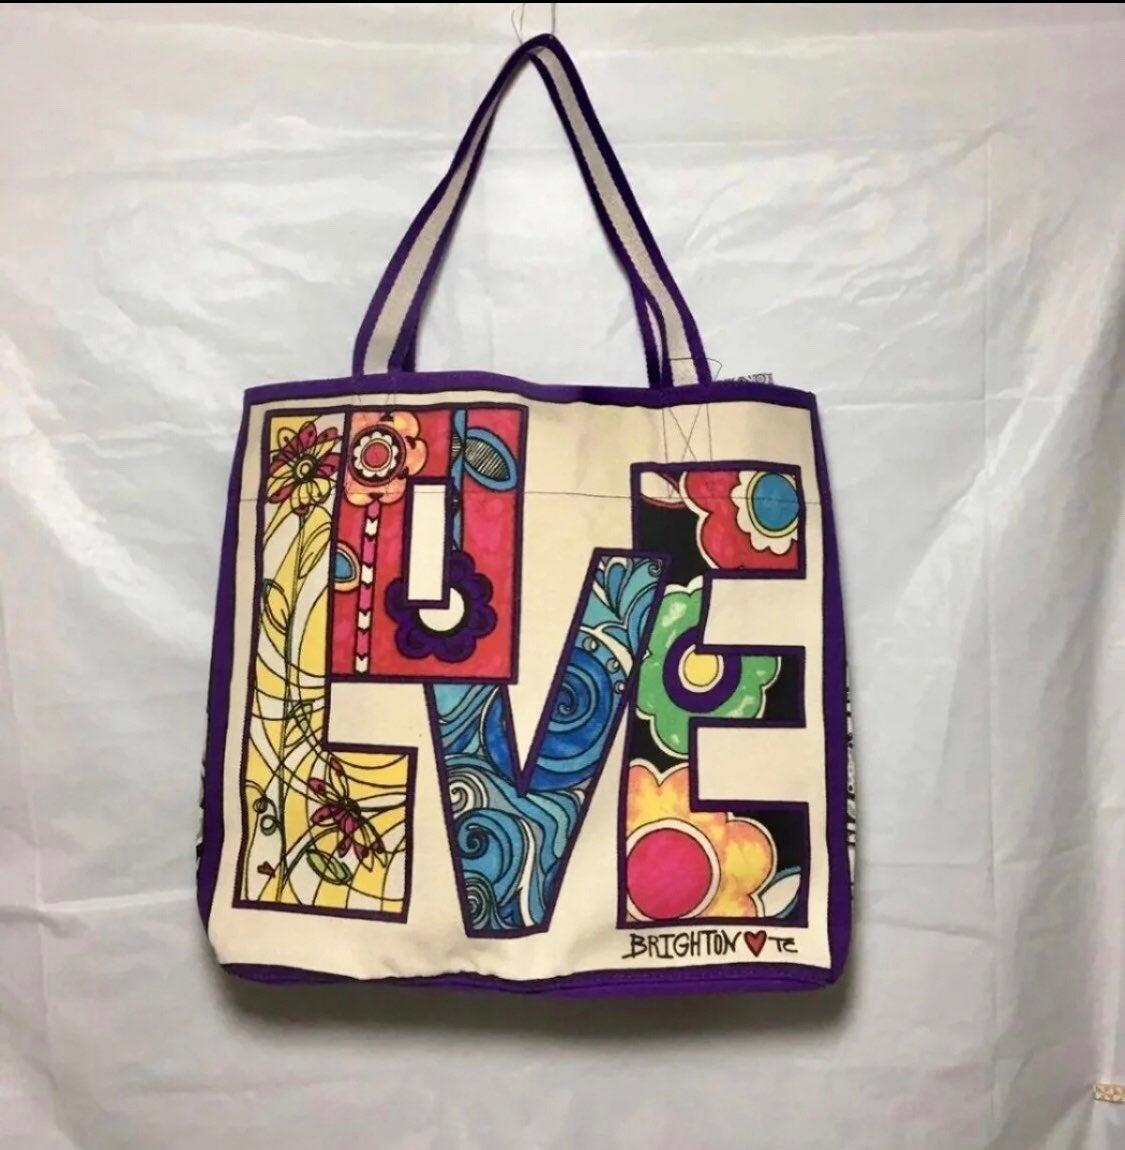 Brighton LOVE Groove Canvas Tote Bag